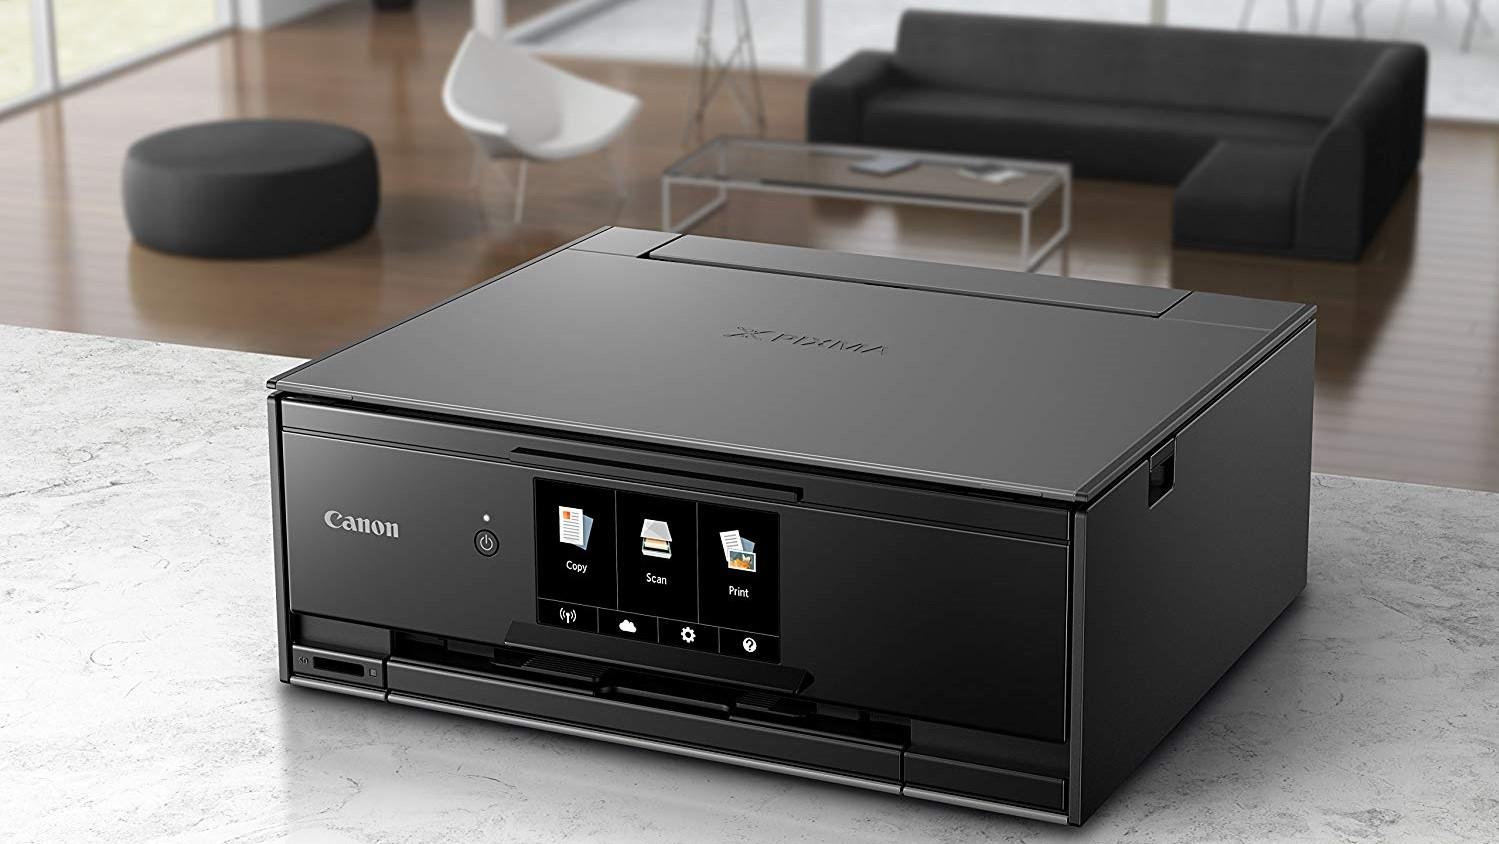 Canon TS9120 photo printer on counter